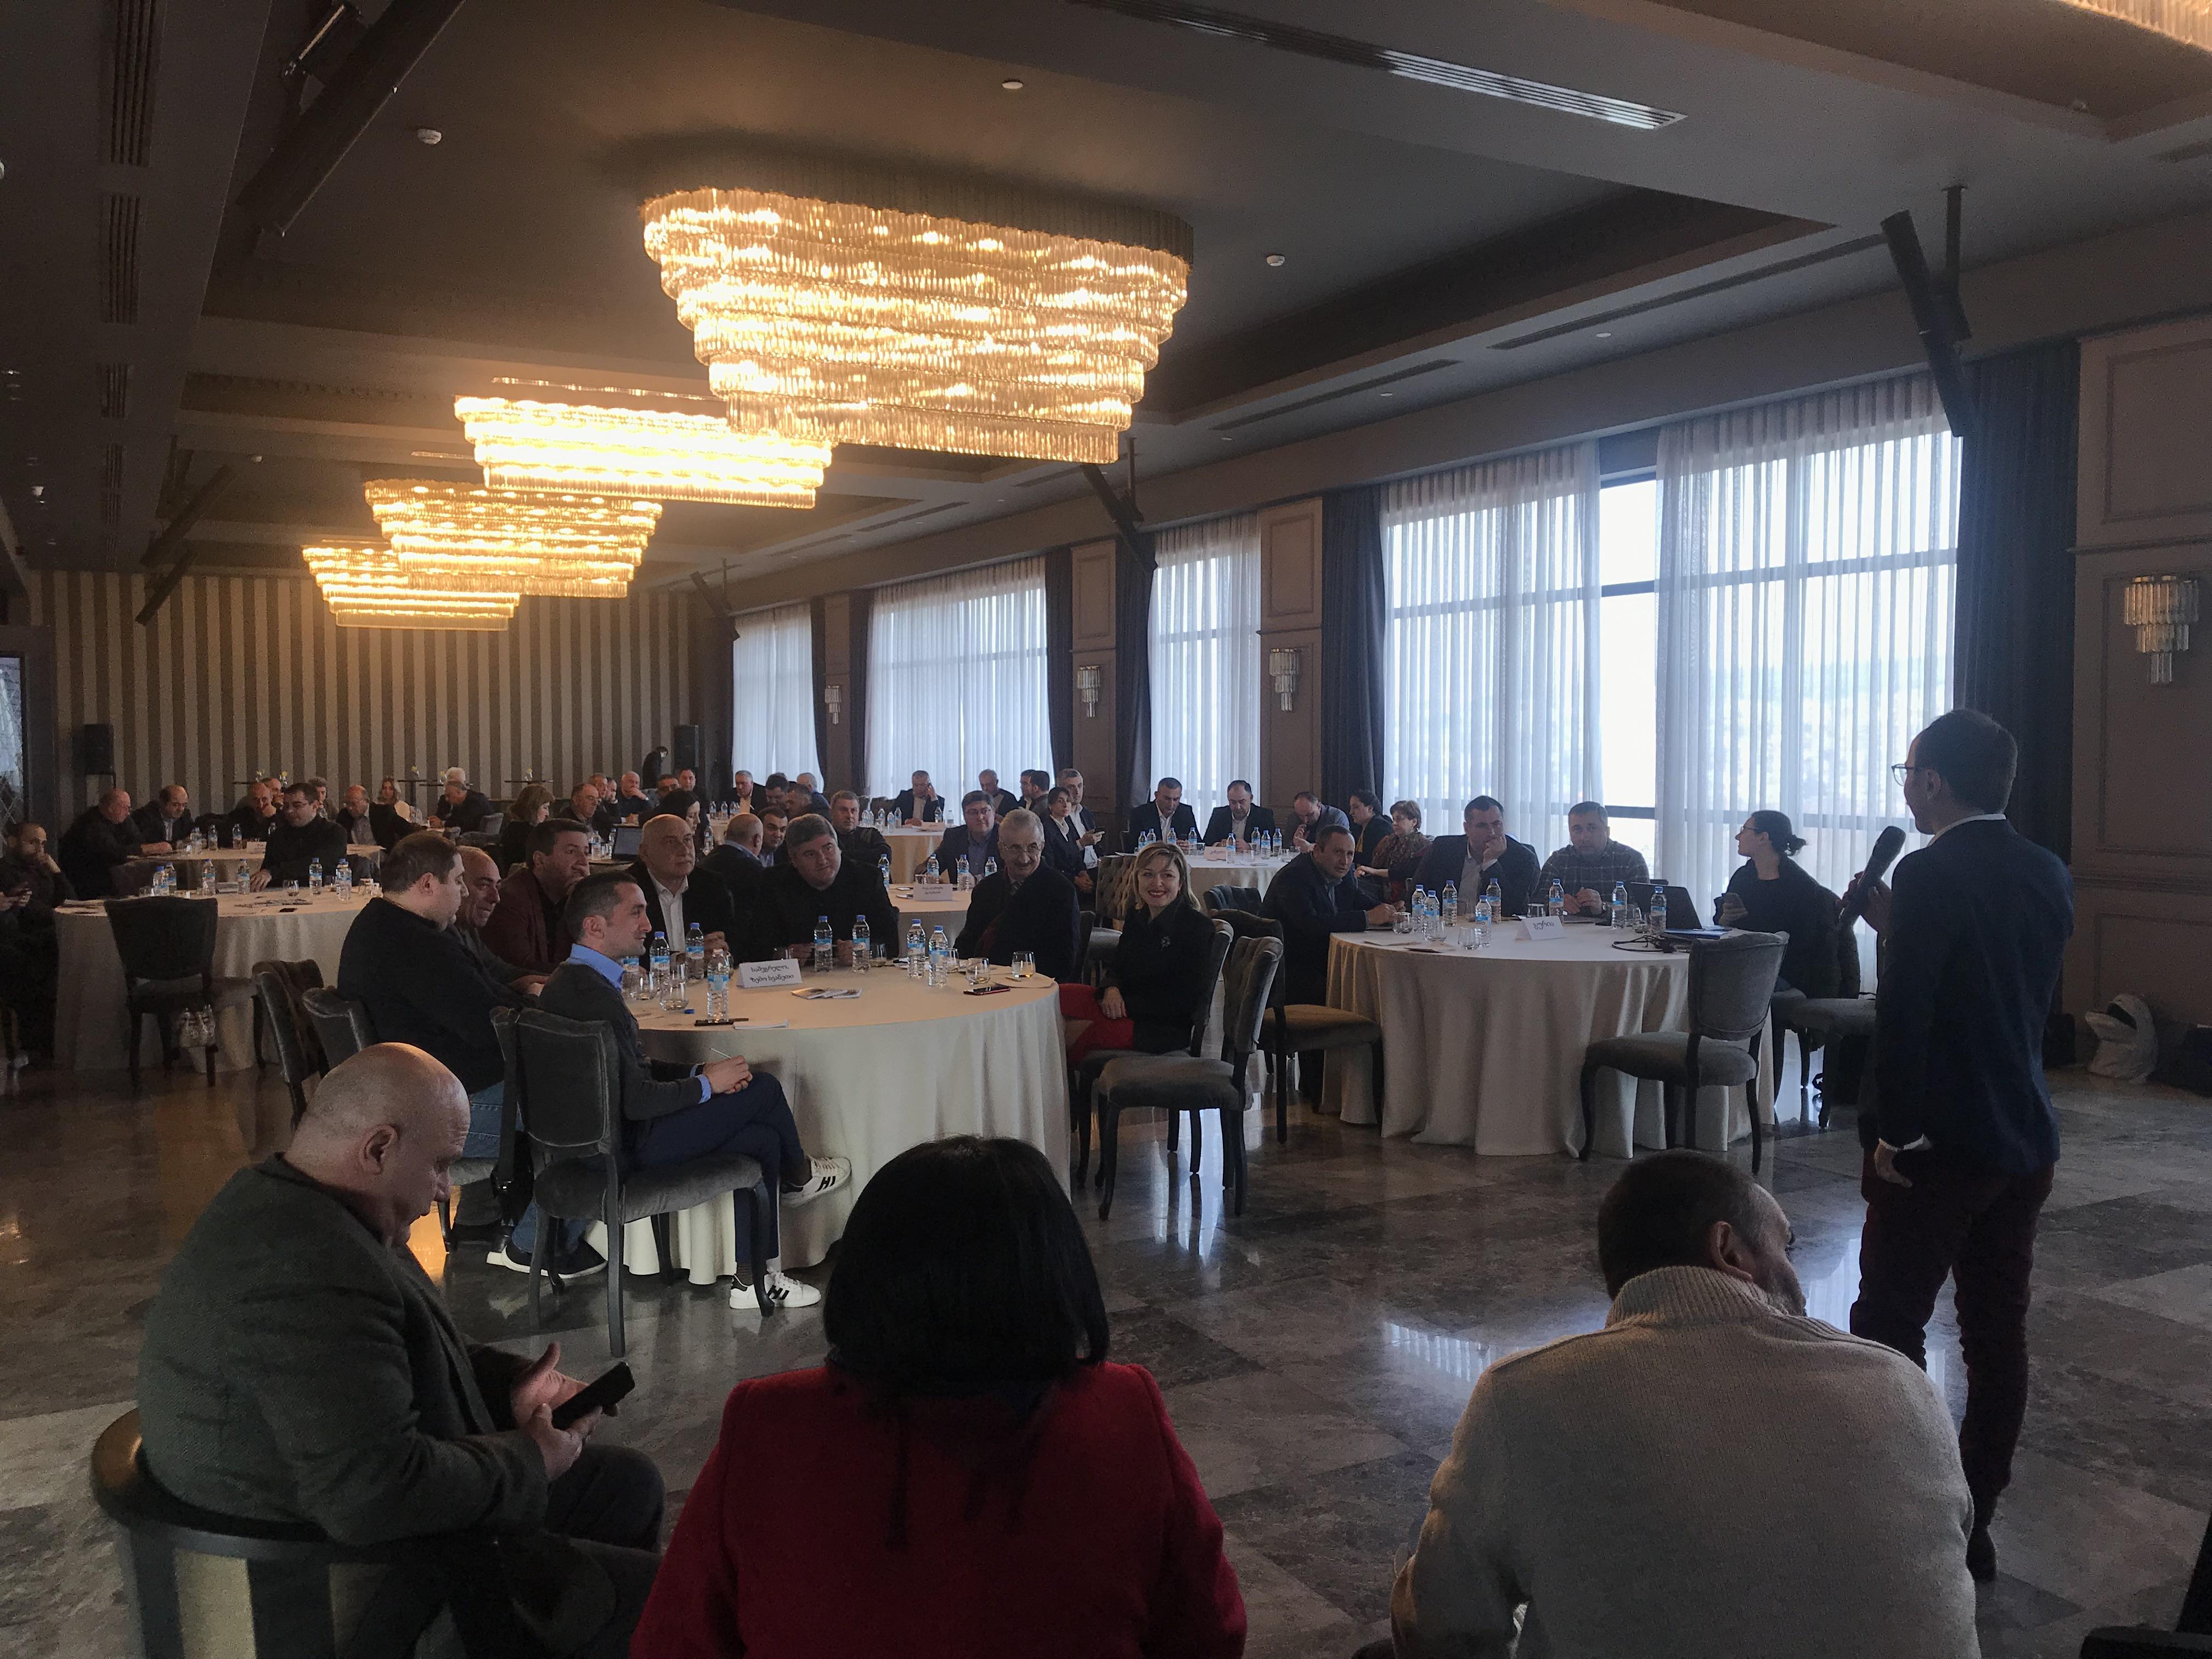 თვითმმართველობების საჭიროებების განსაზღვრის მიზნით კონფერენცია ჩატარდა